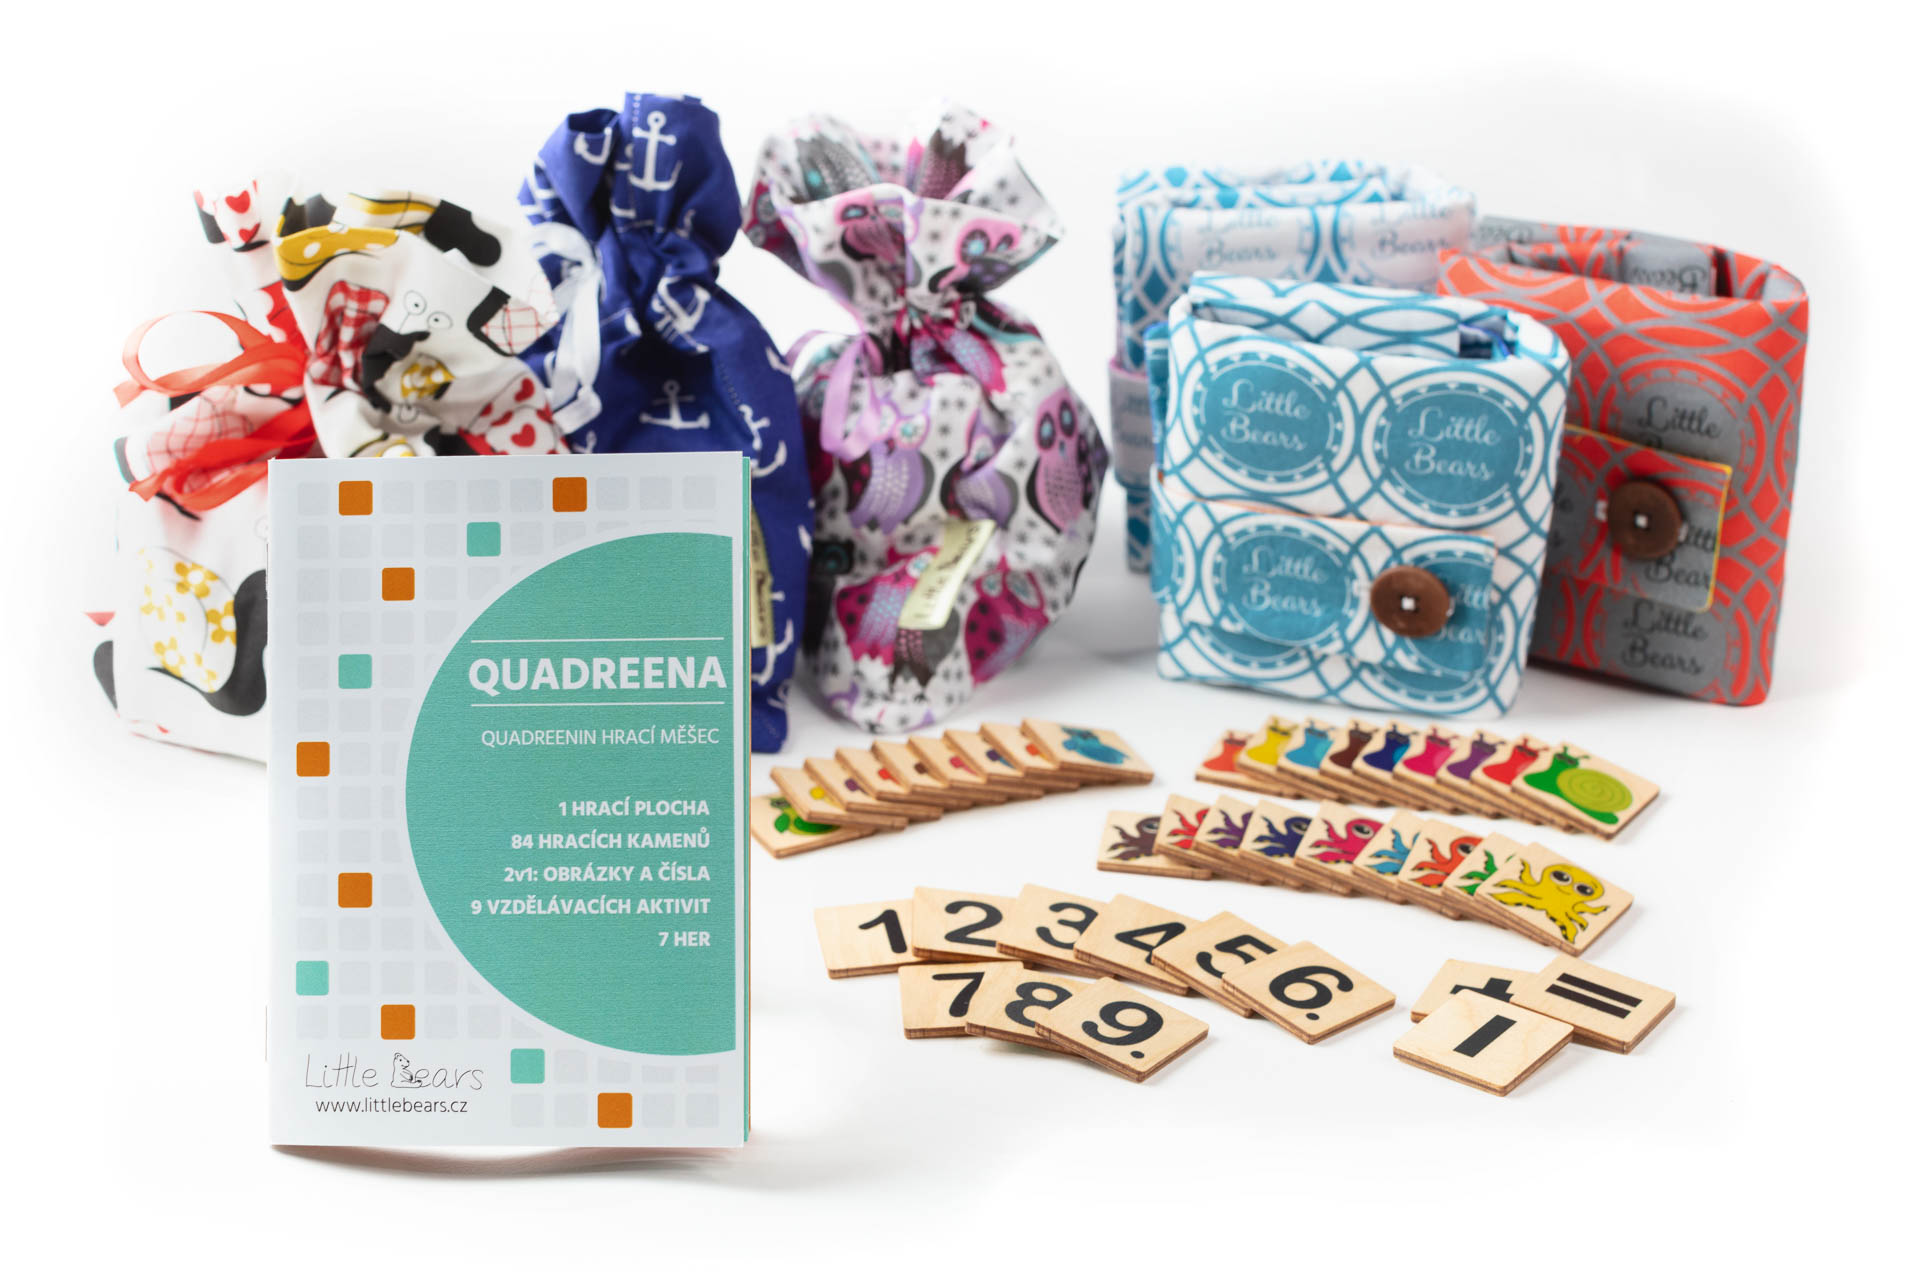 Logická hra QUADREENA, která je kombinací obrázkového a číselného sudoku. Vhodné pro předškolní a mladší školní věk.